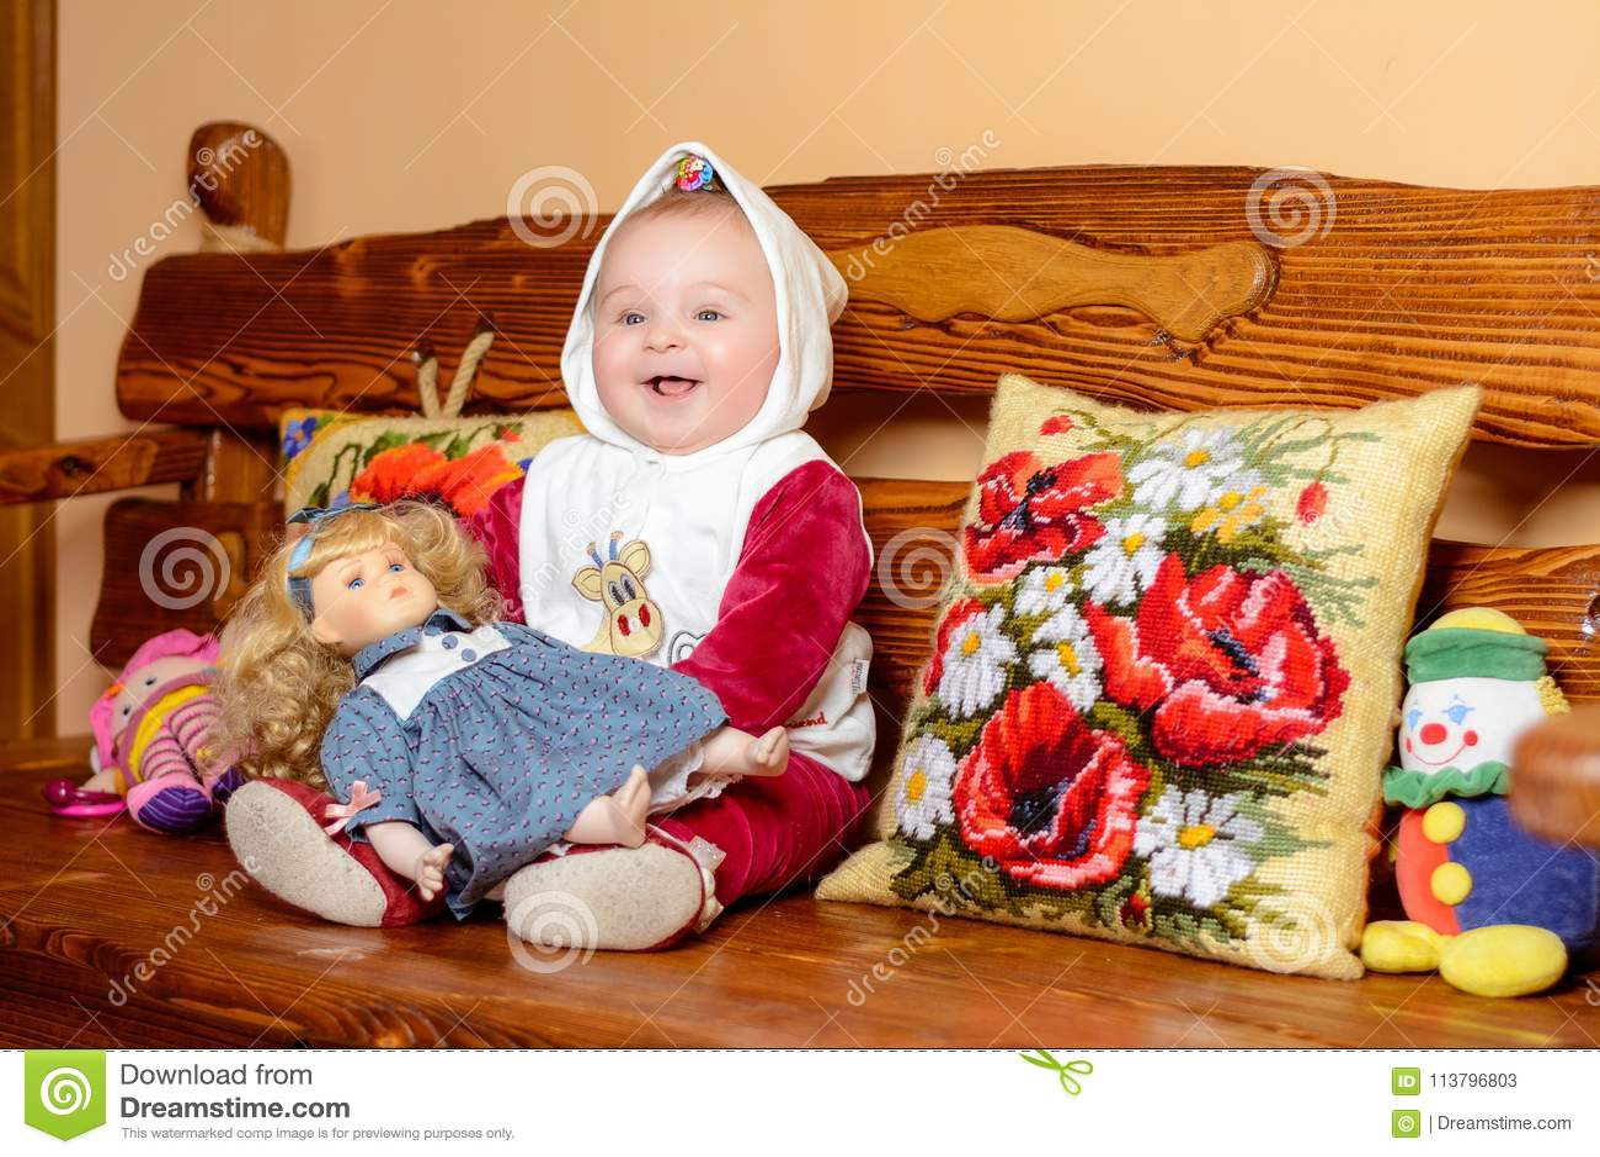 Un pequeño niño en un mantón que se sienta en un sofá con las almohadas bordadas